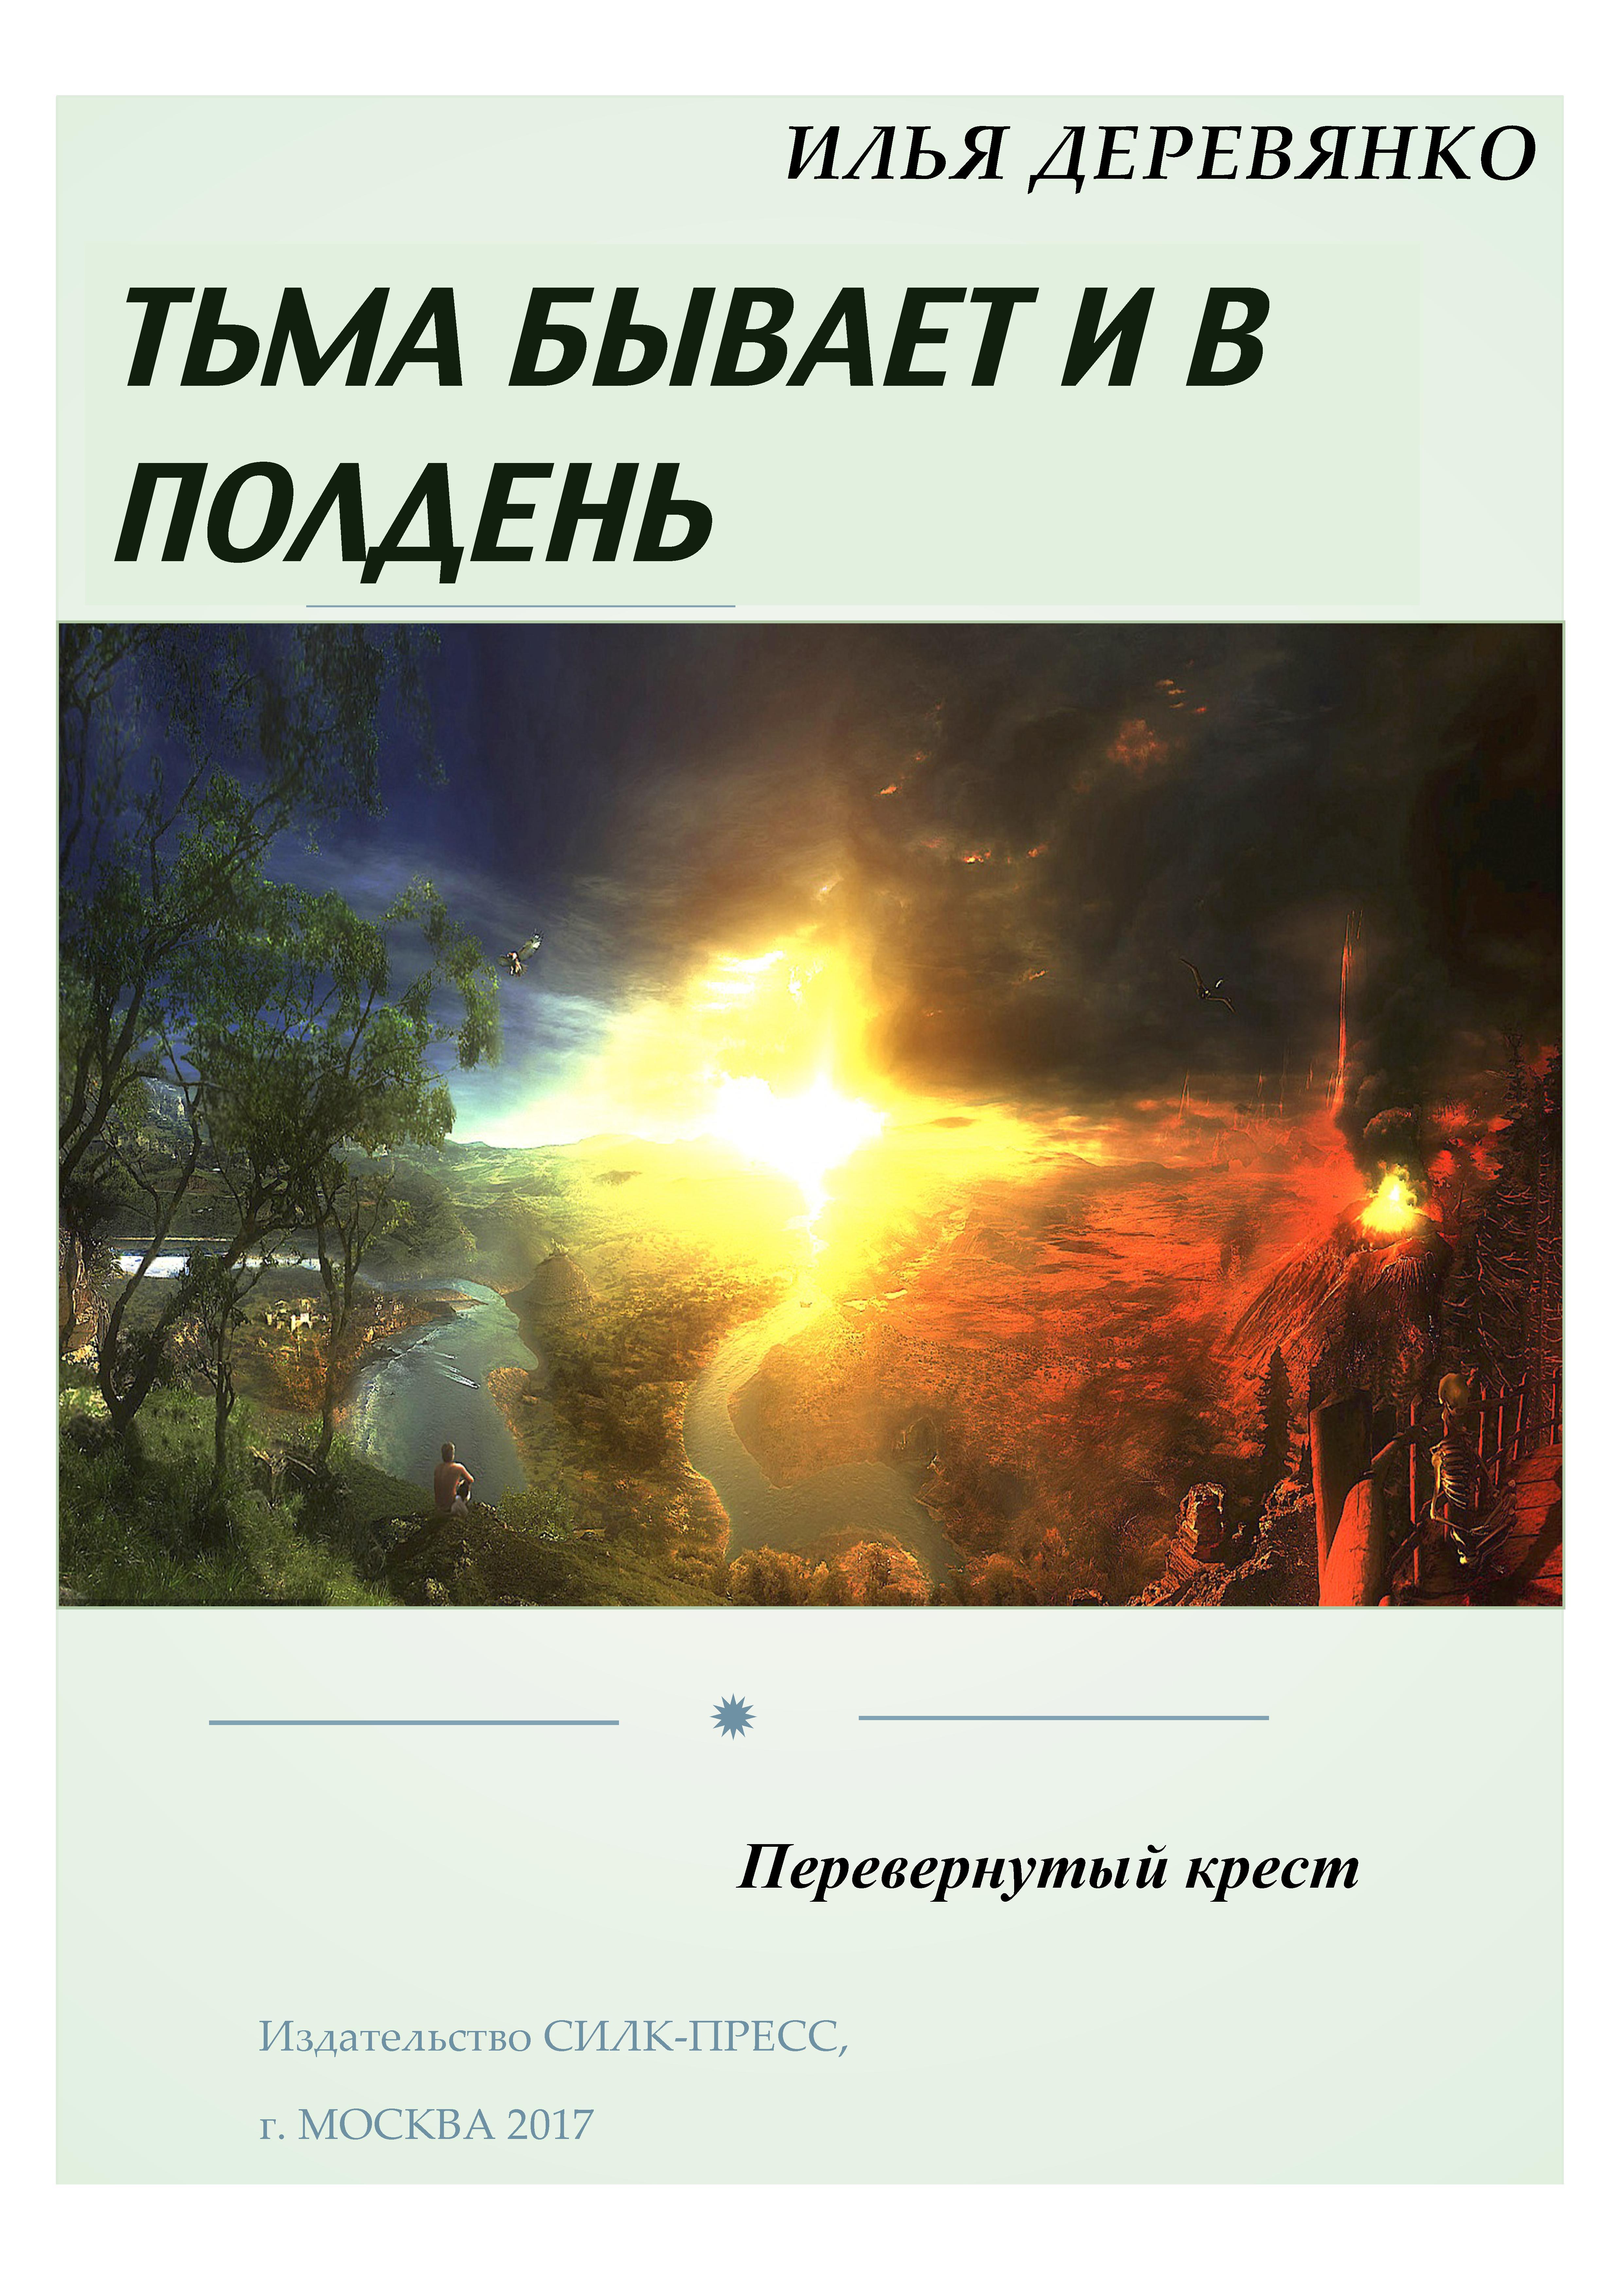 Илья Деревянко Перевернутый крест цена